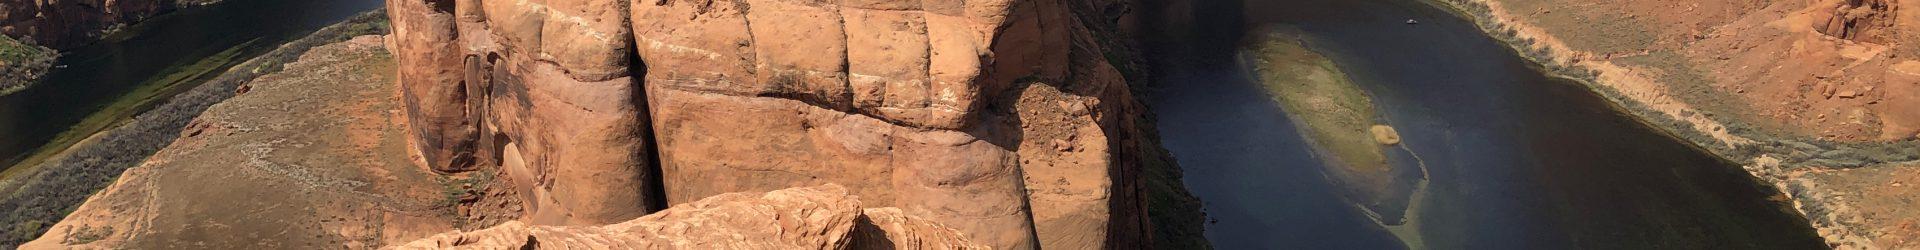 Visiting Northern Arizona